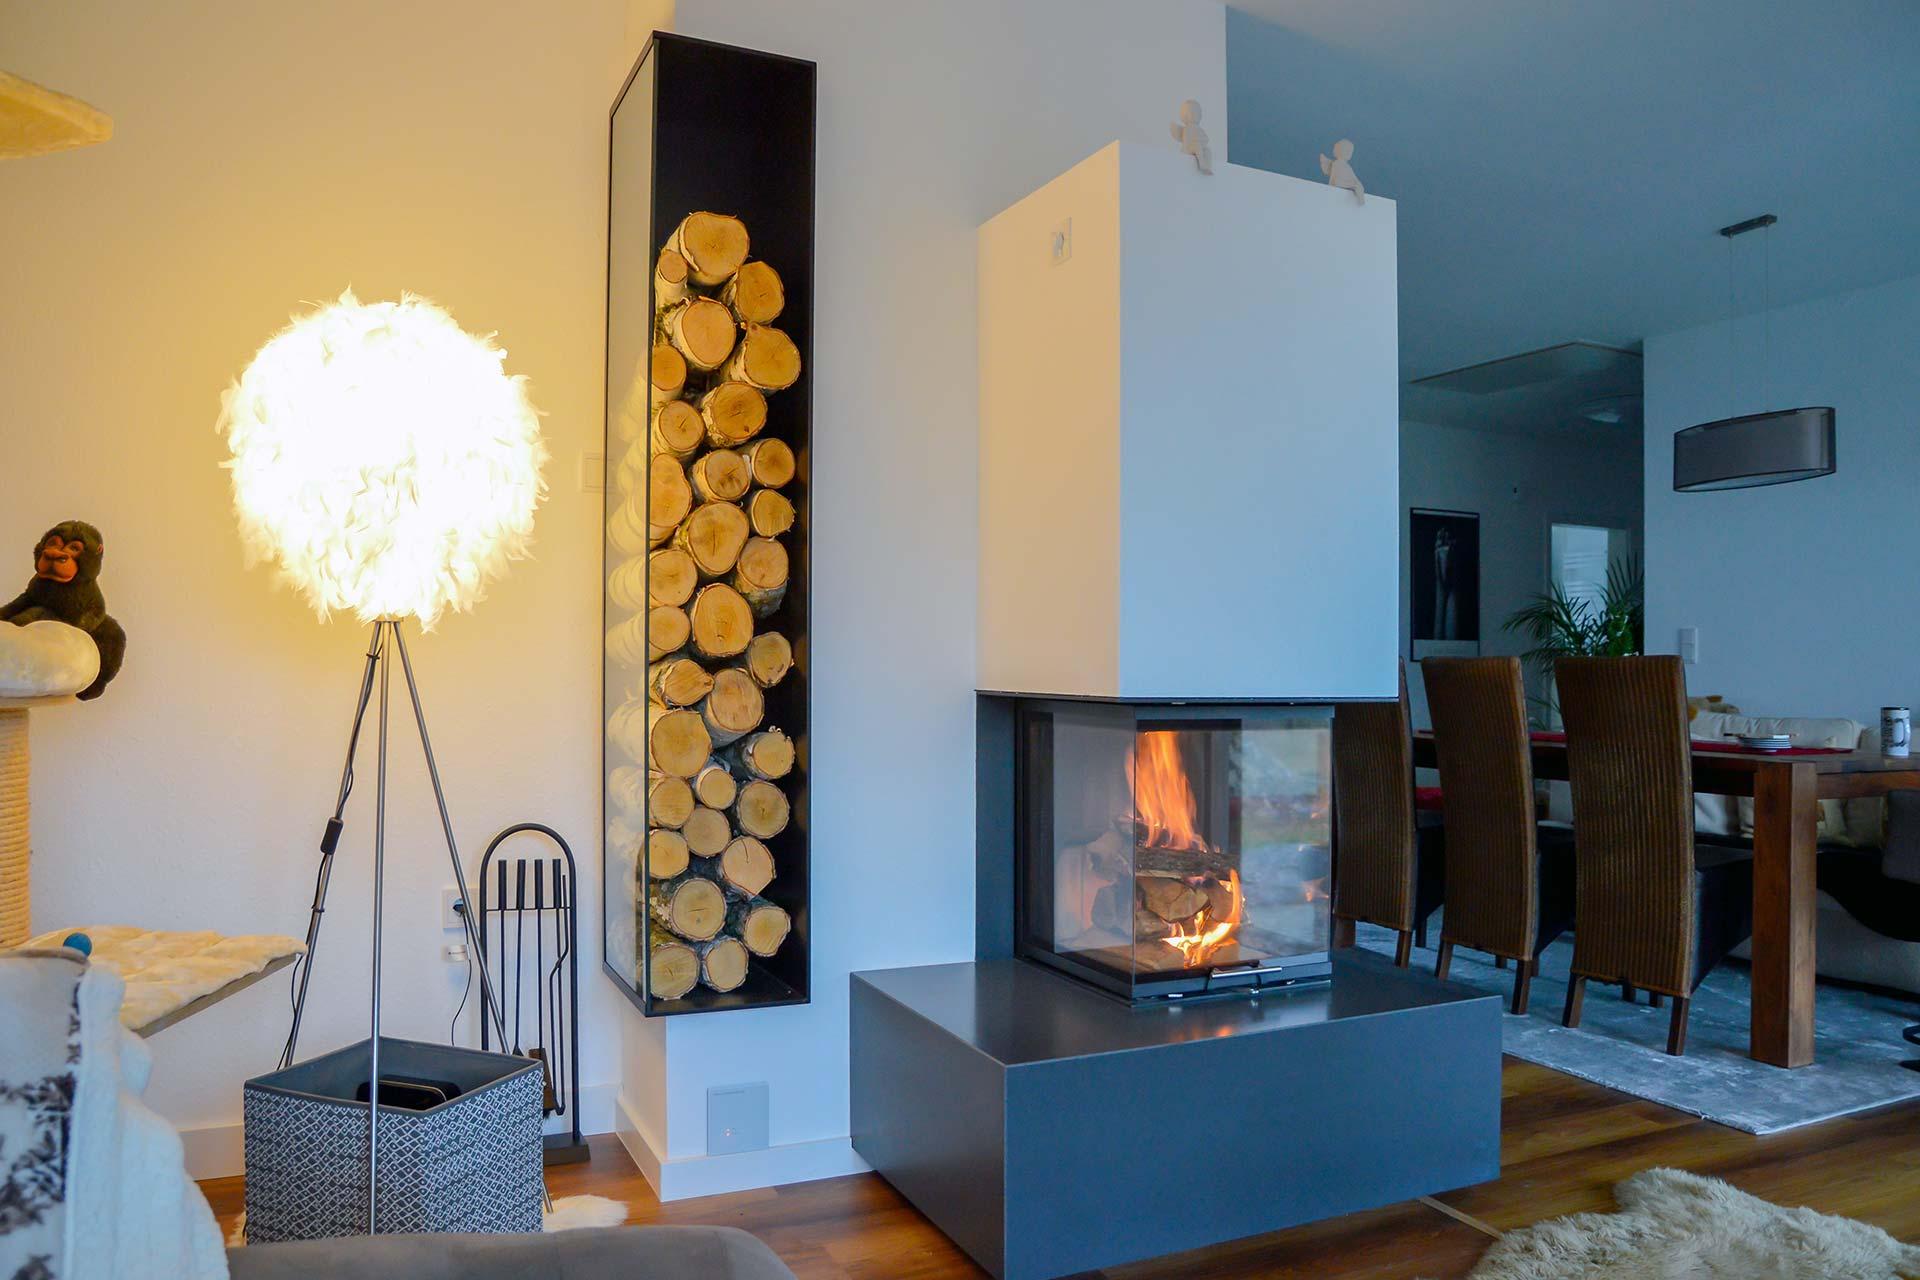 Referenz Ofen- und Kaminbau, Bild 0660